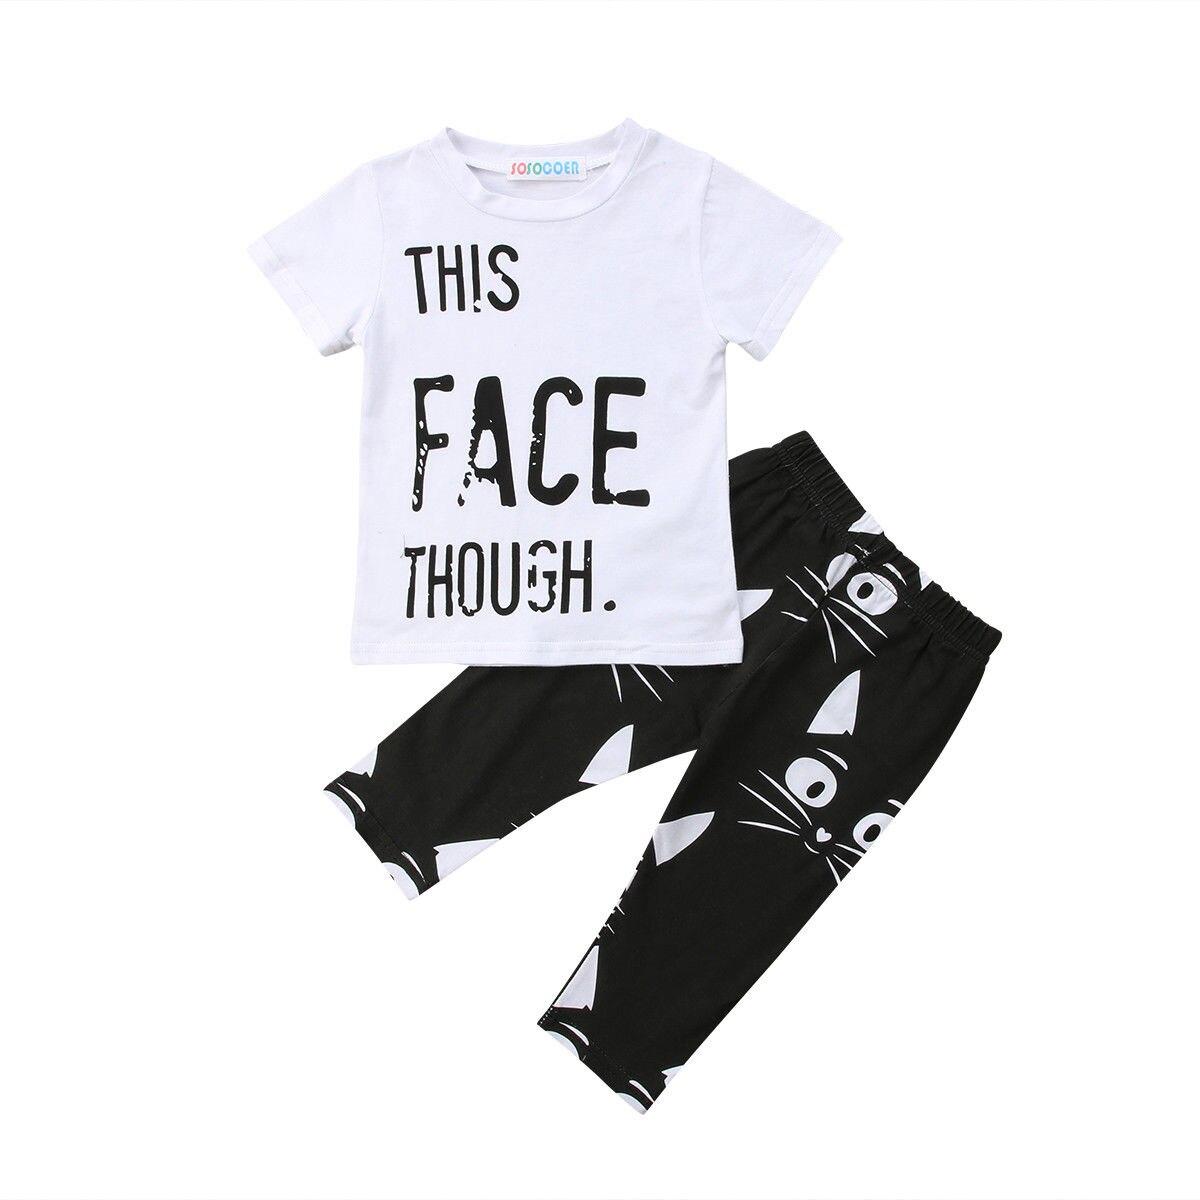 Pudcoco 2 шт. новые одежда для малышей Одежда для мальчиков летние Повседневное футболка + брюки Комплекты одежды с мультяшными рисунками компл...